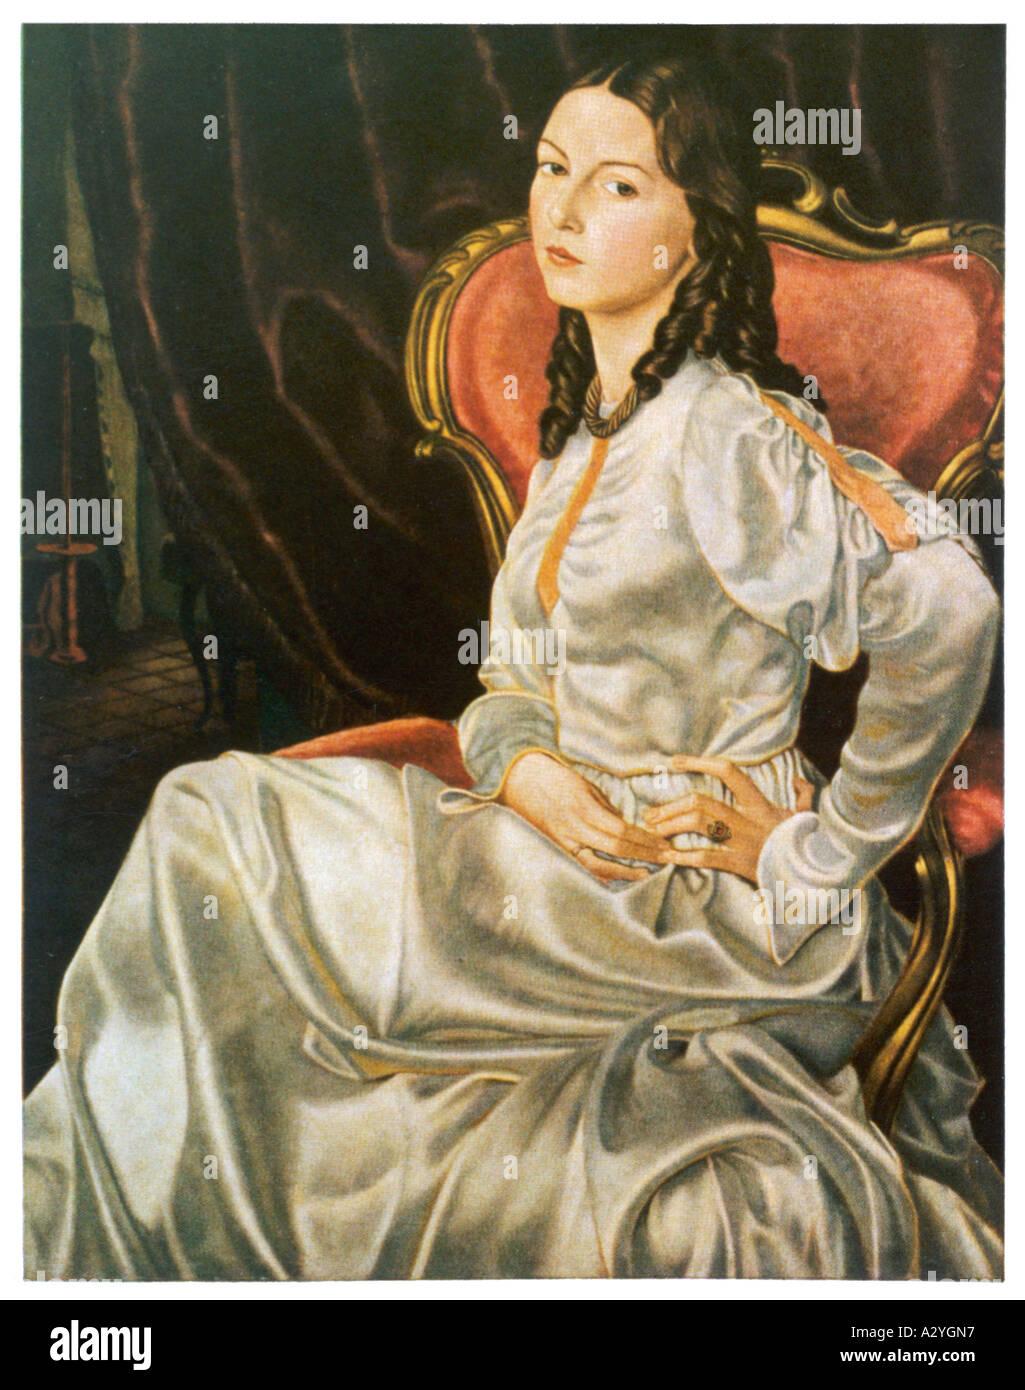 Mujer alemana 1860 Imagen De Stock